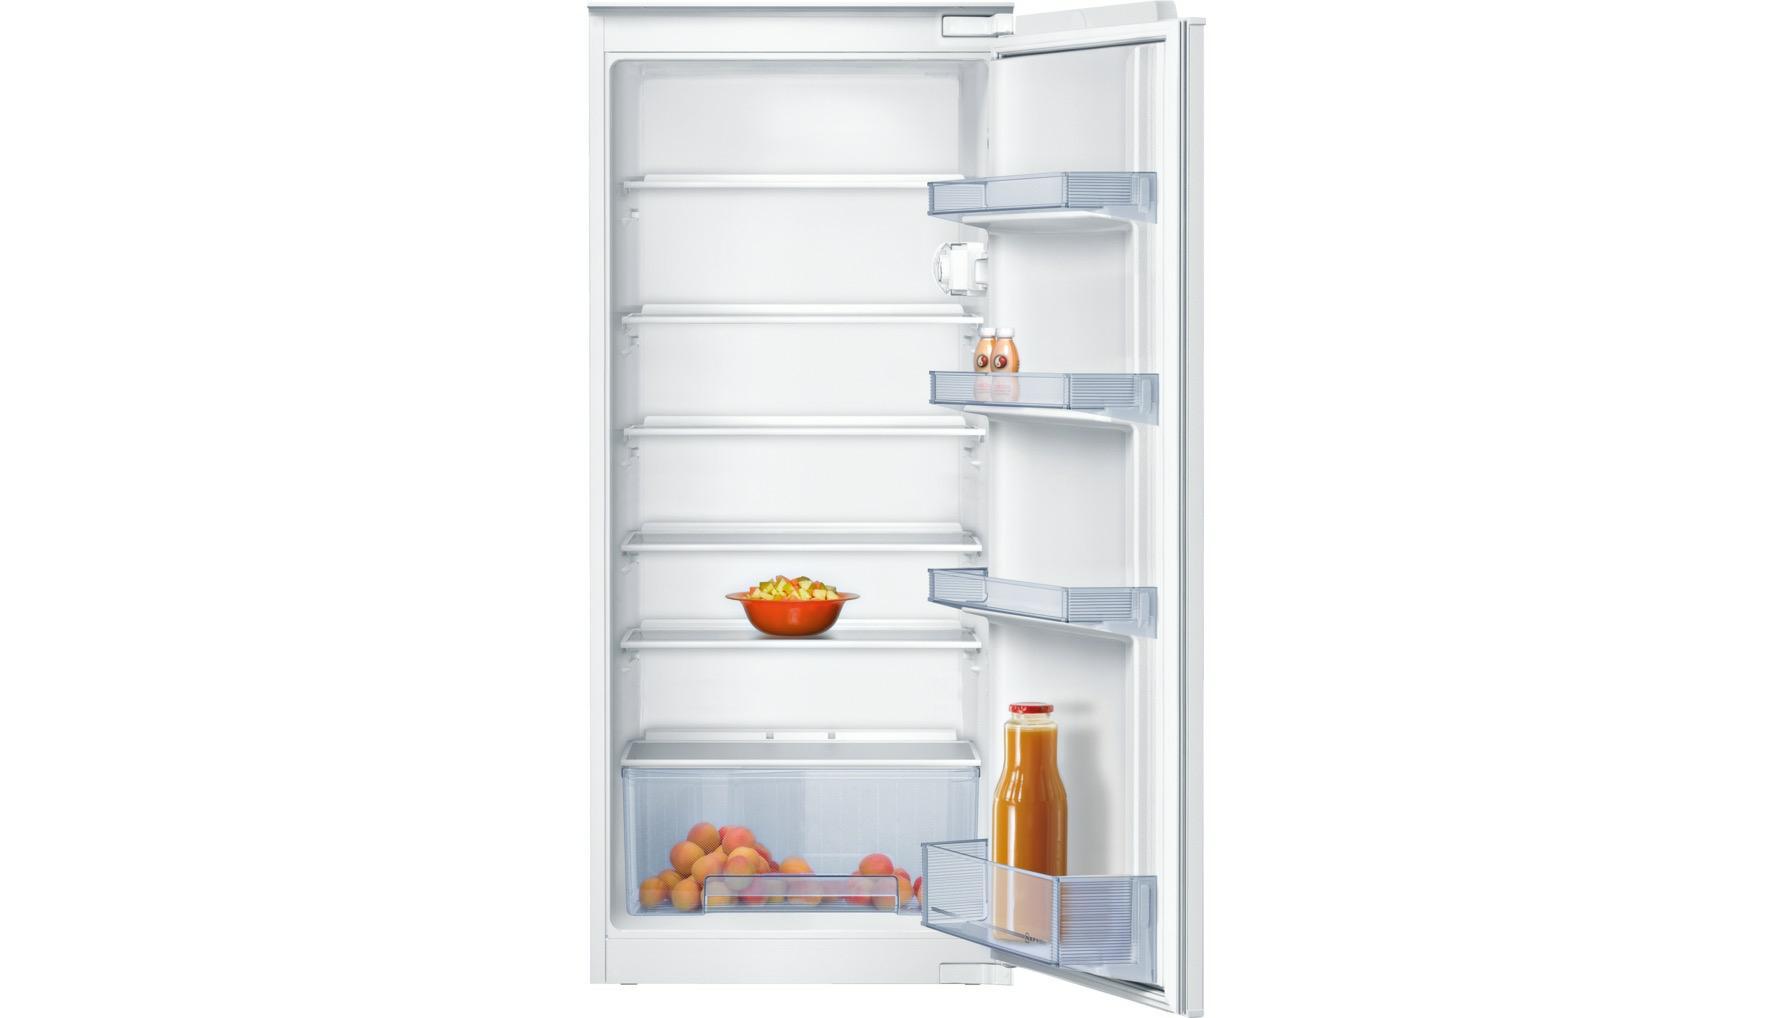 koelkast inbouw zonder vriesvak Neff K1544X0FF koelkast inbouw zonder vriesvak